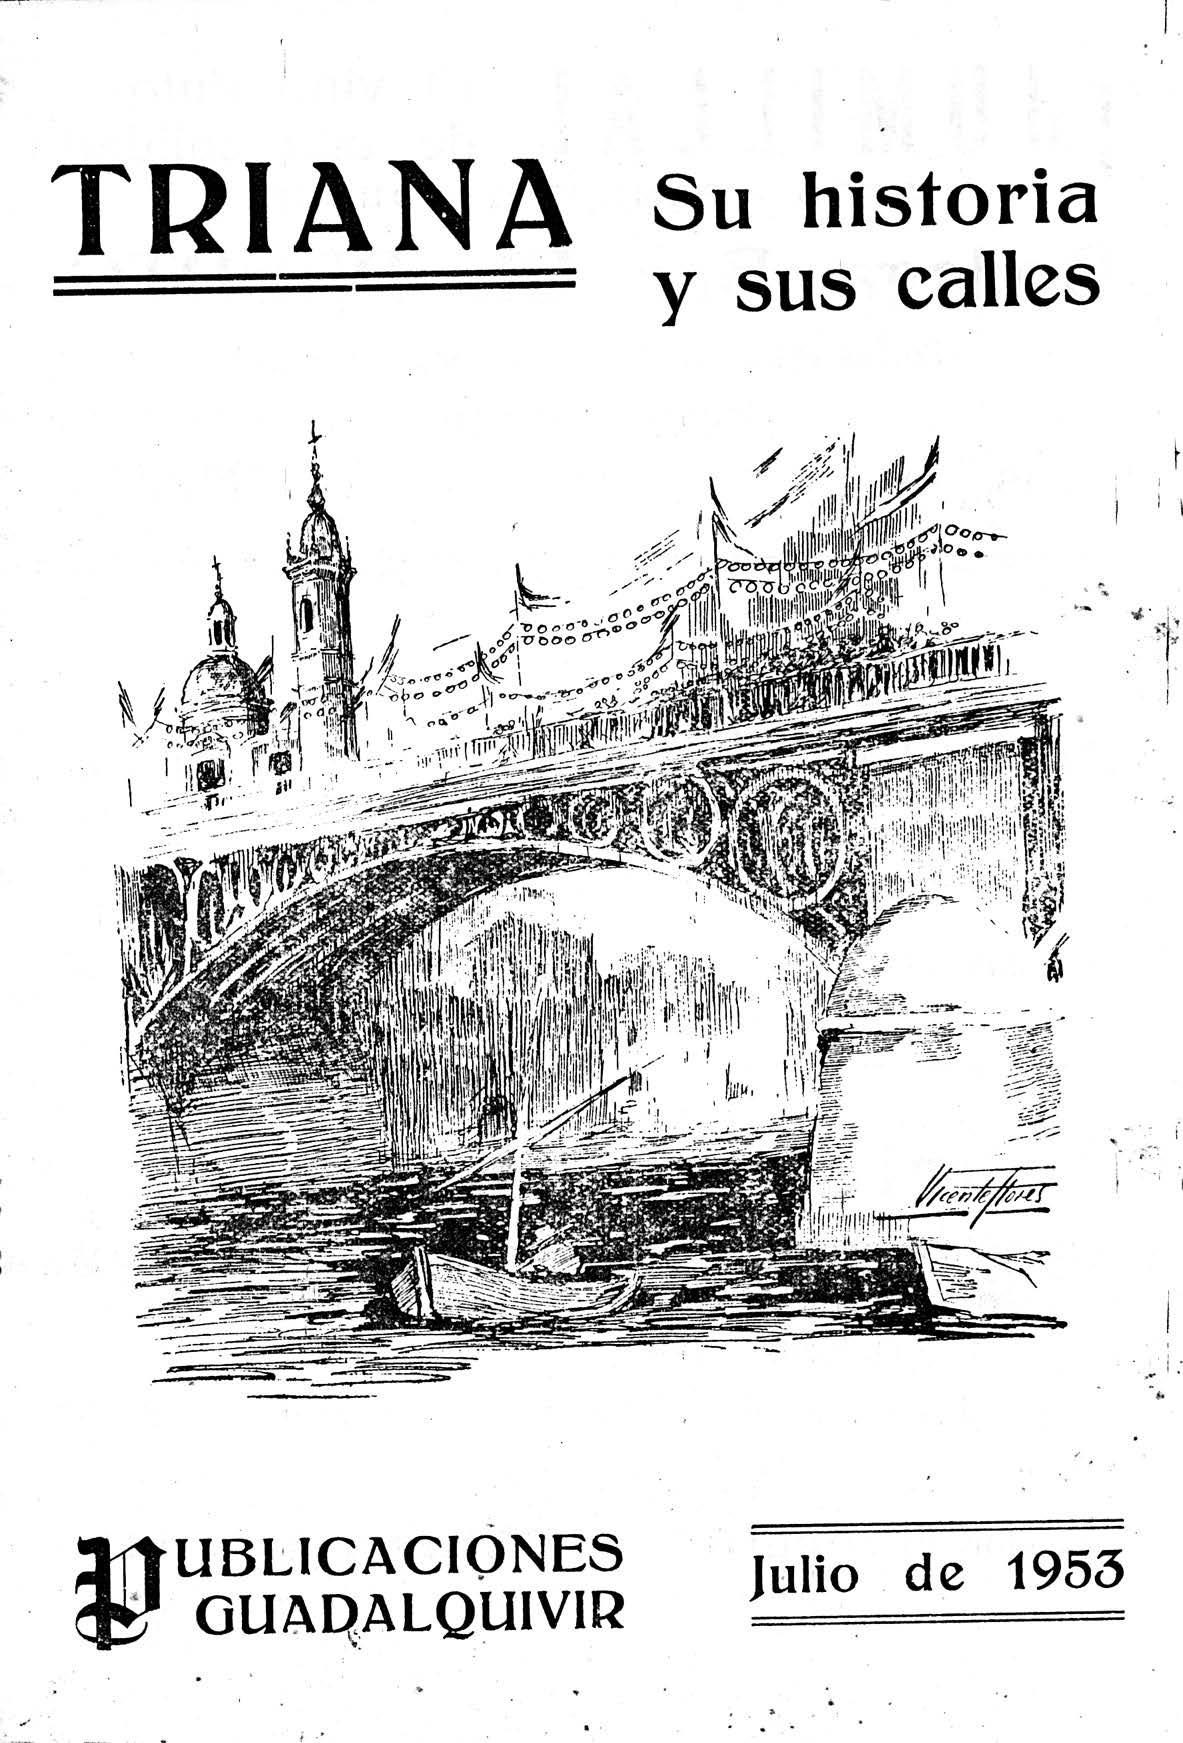 1953-portada.jpg